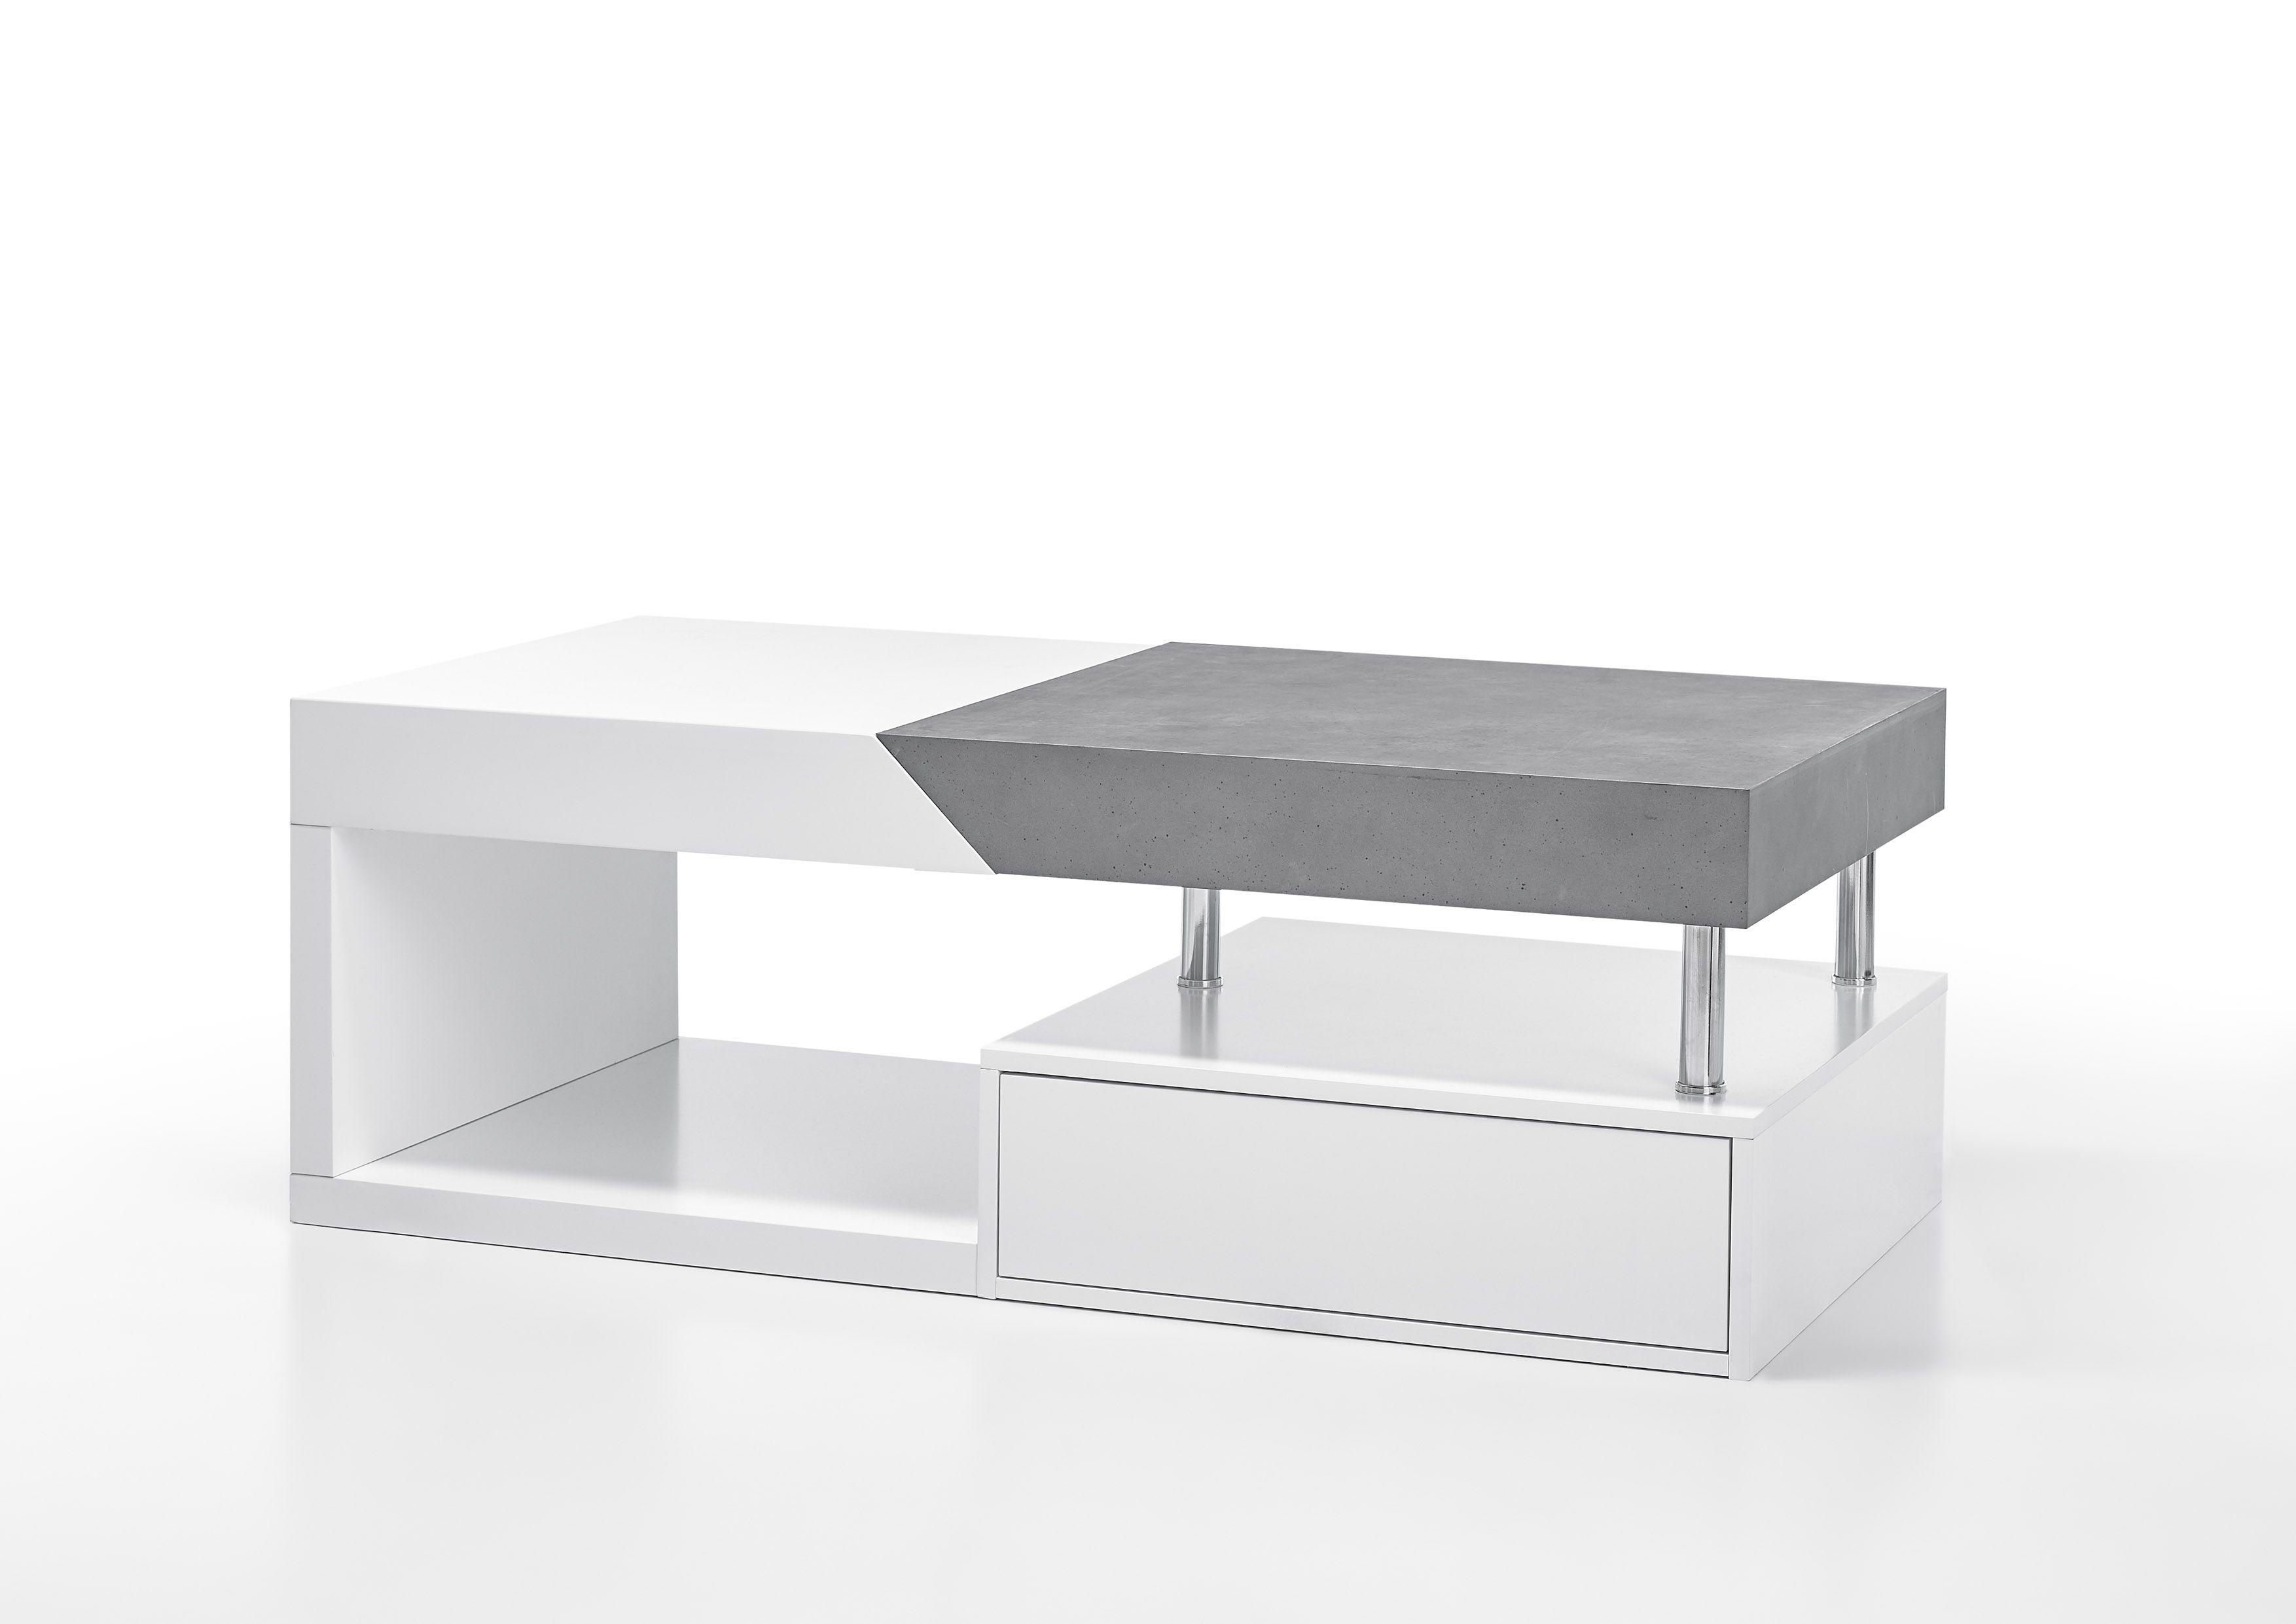 couchtisch weiss/ beton optik woody 41-02874 weiss/ grau mdf modern